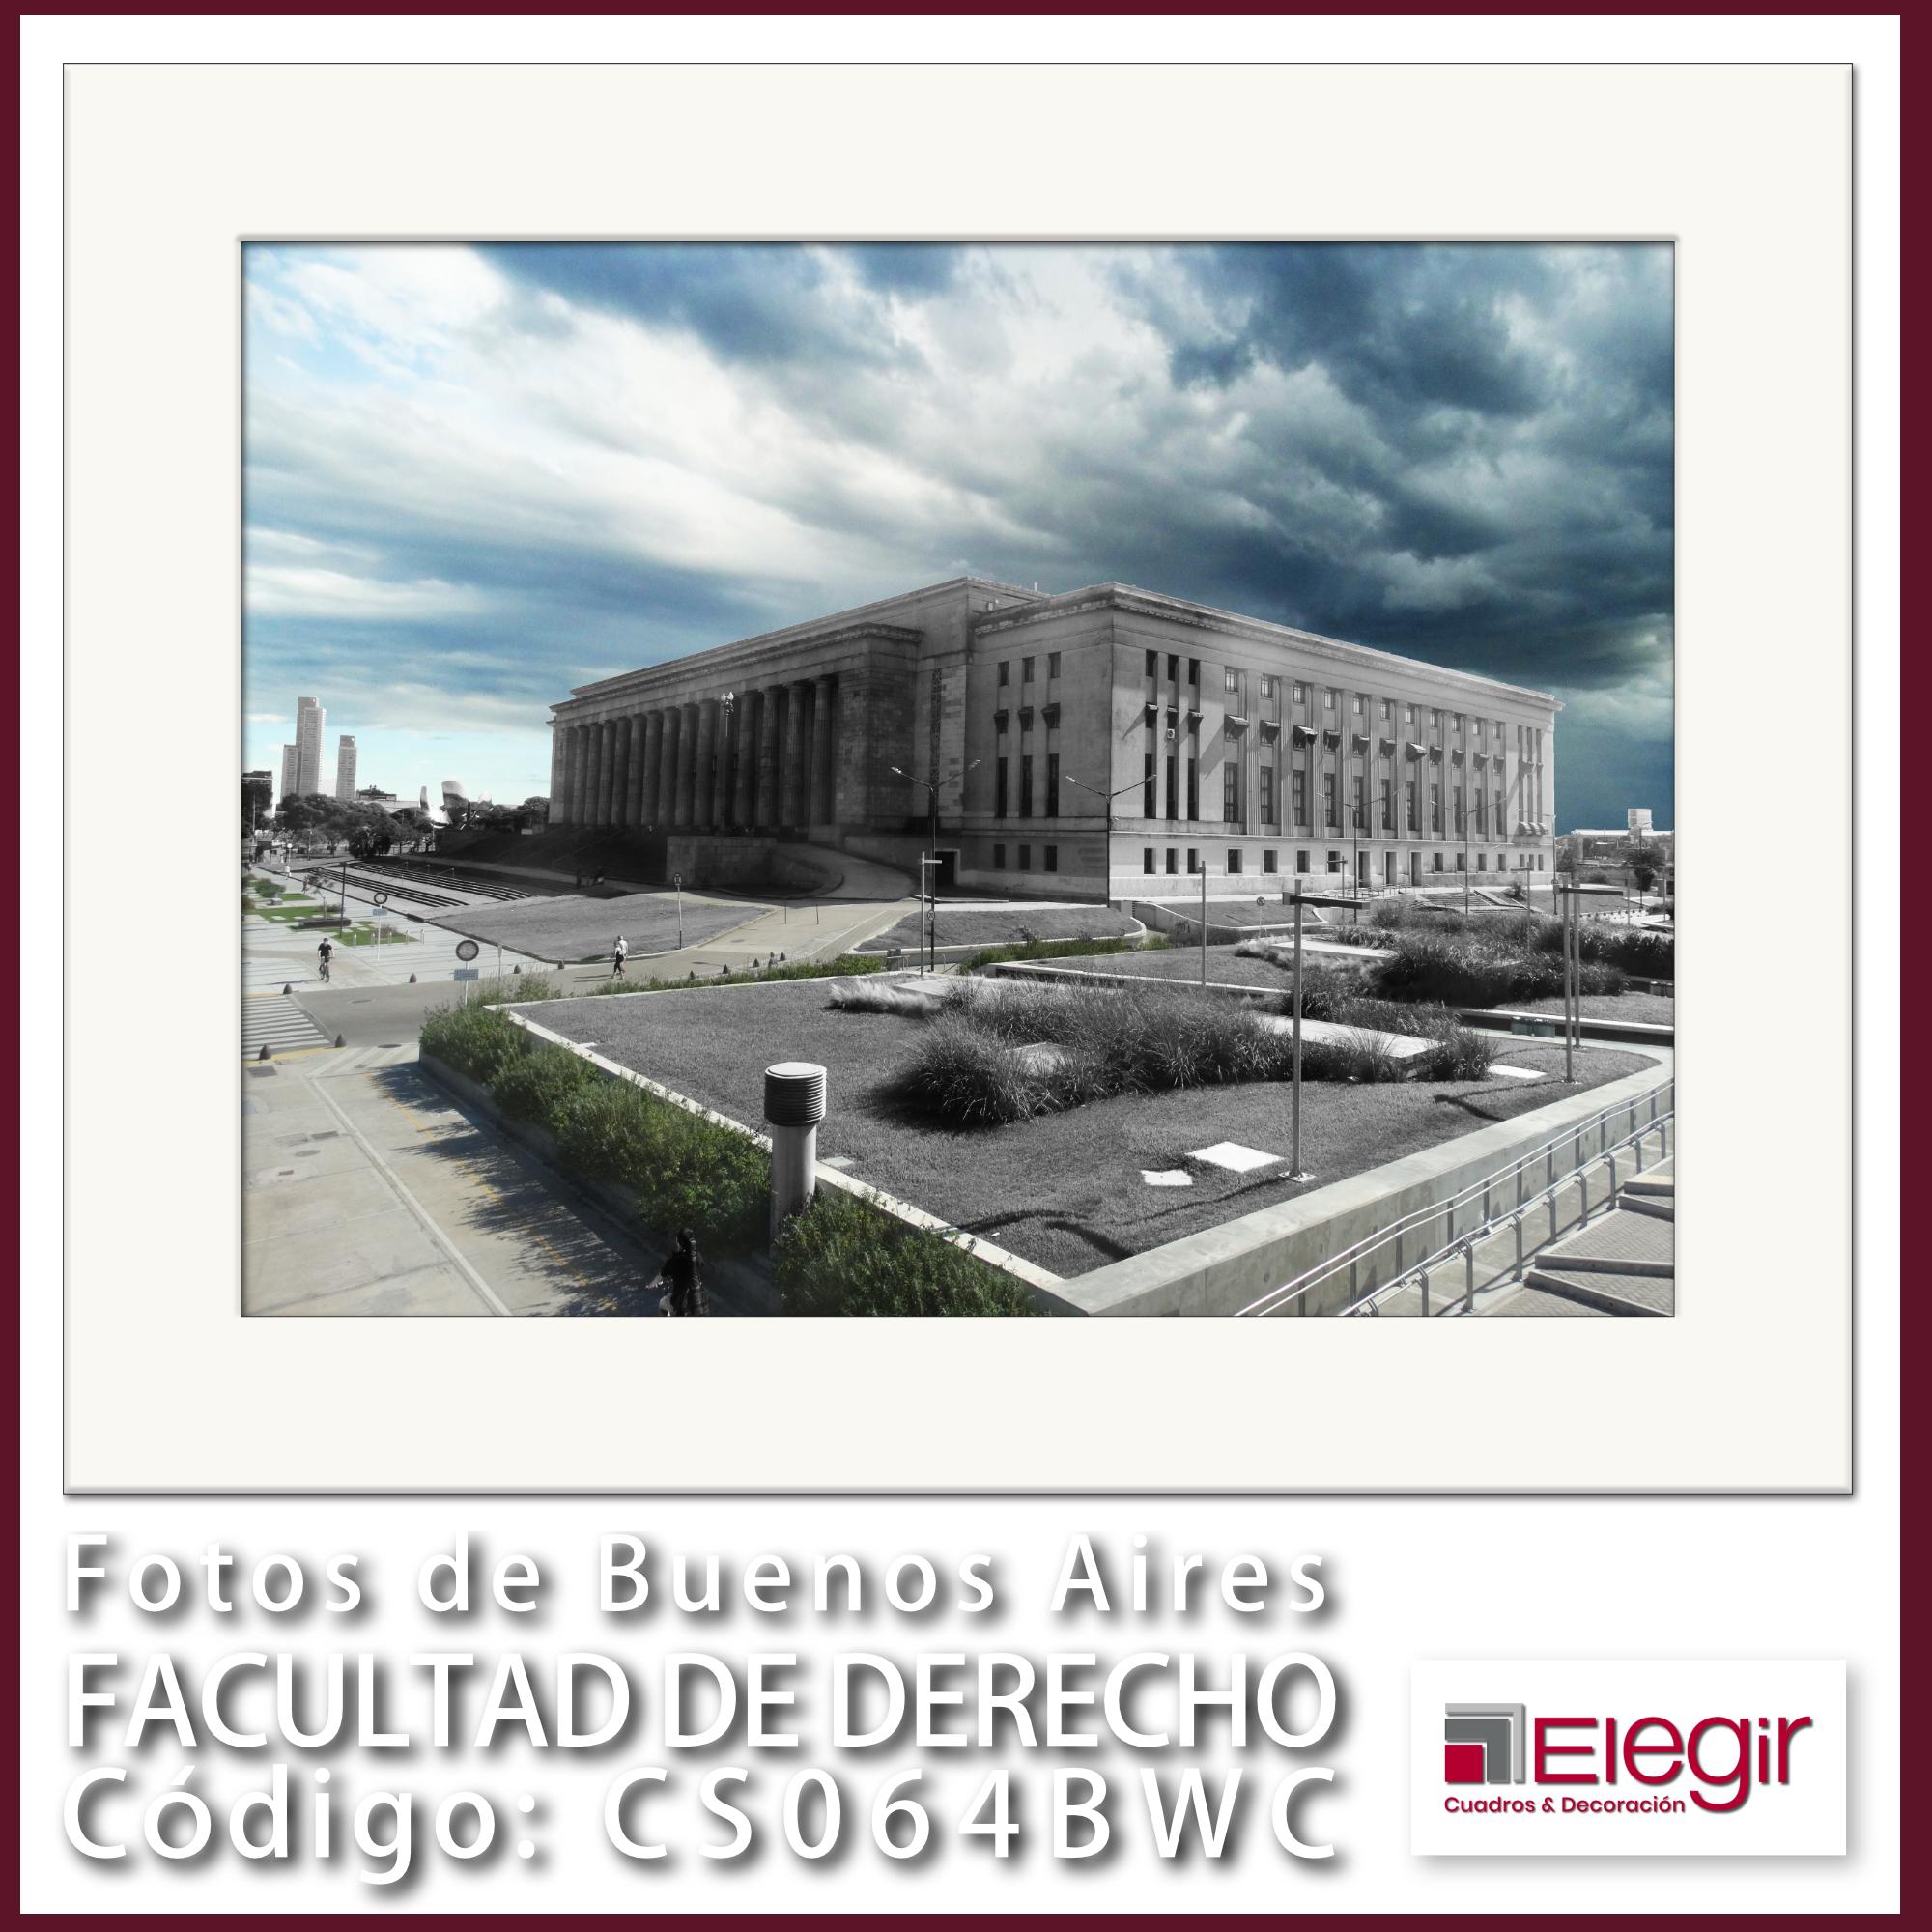 B CS065BWC Facultad de Derecho 40x30